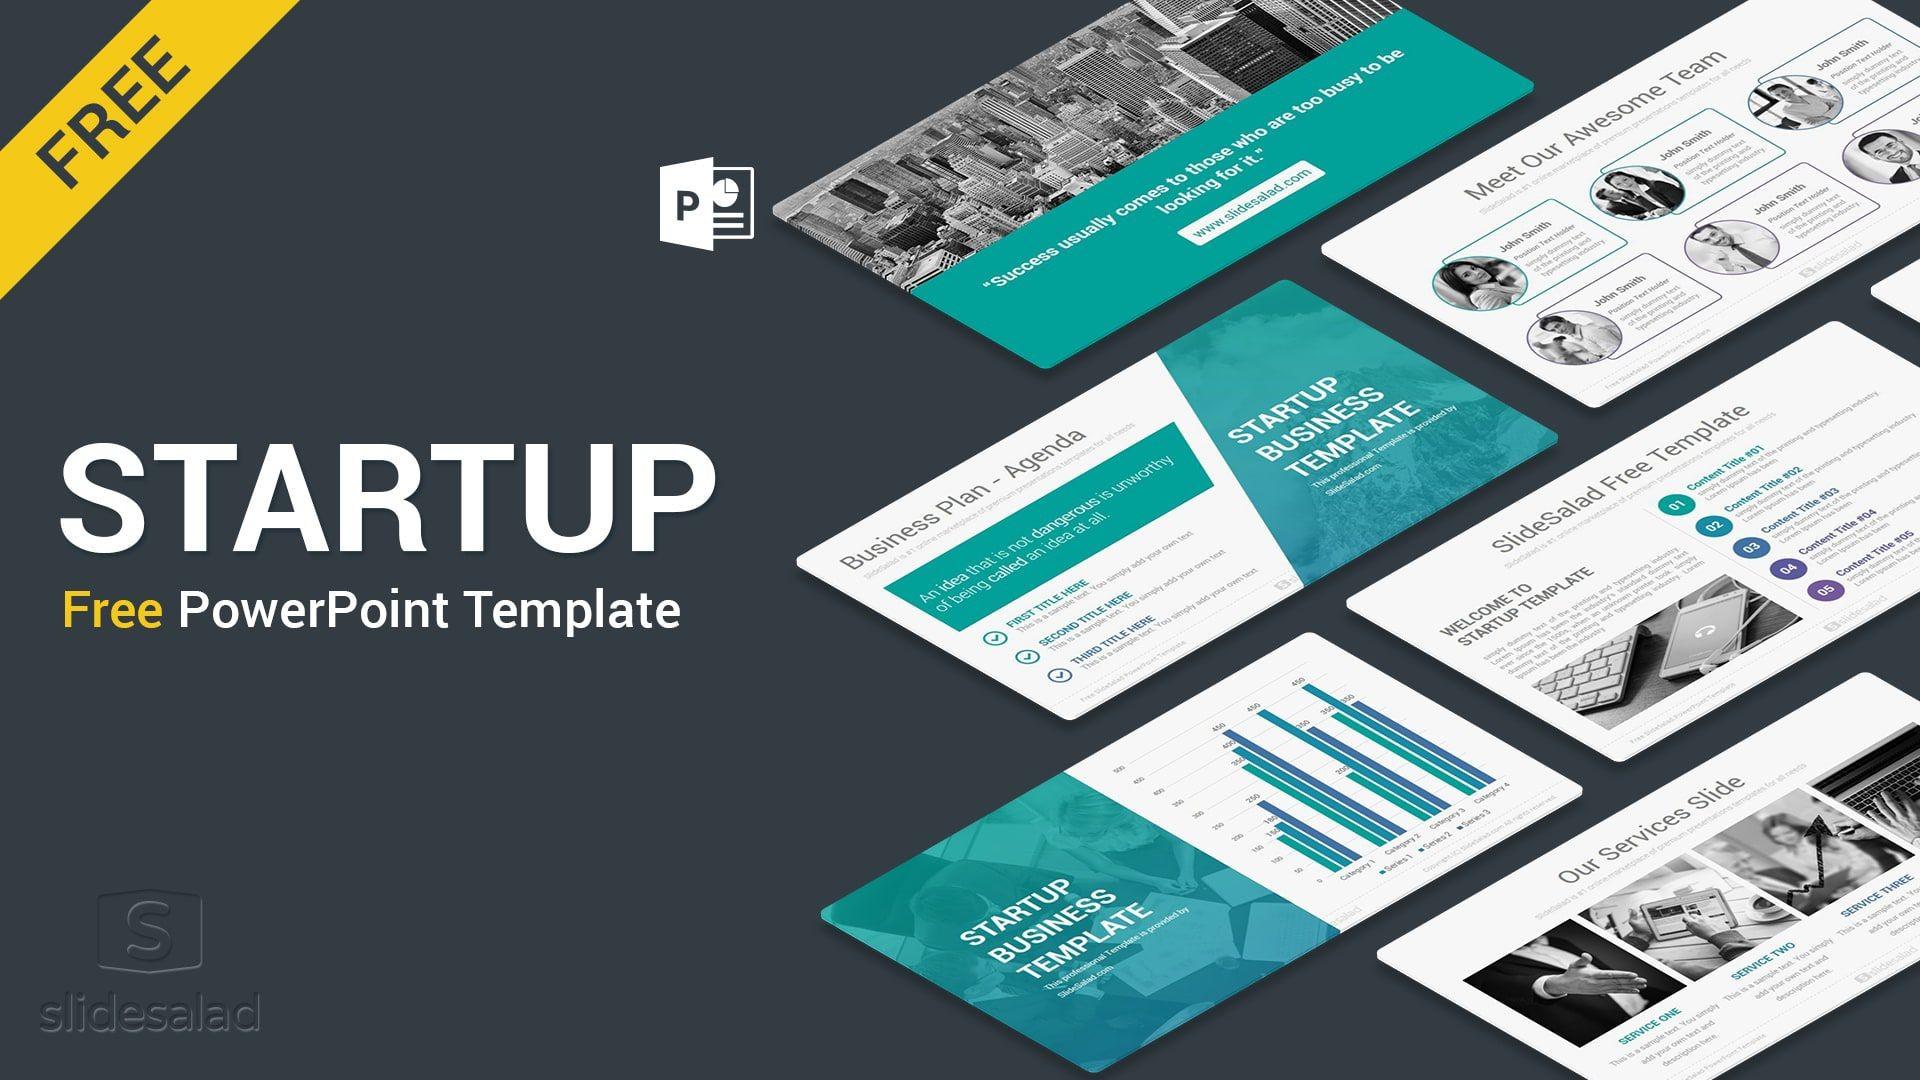 009 Impressive Free Busines Plan Template Ppt Sample  2020 Download Startup 30 60 901920